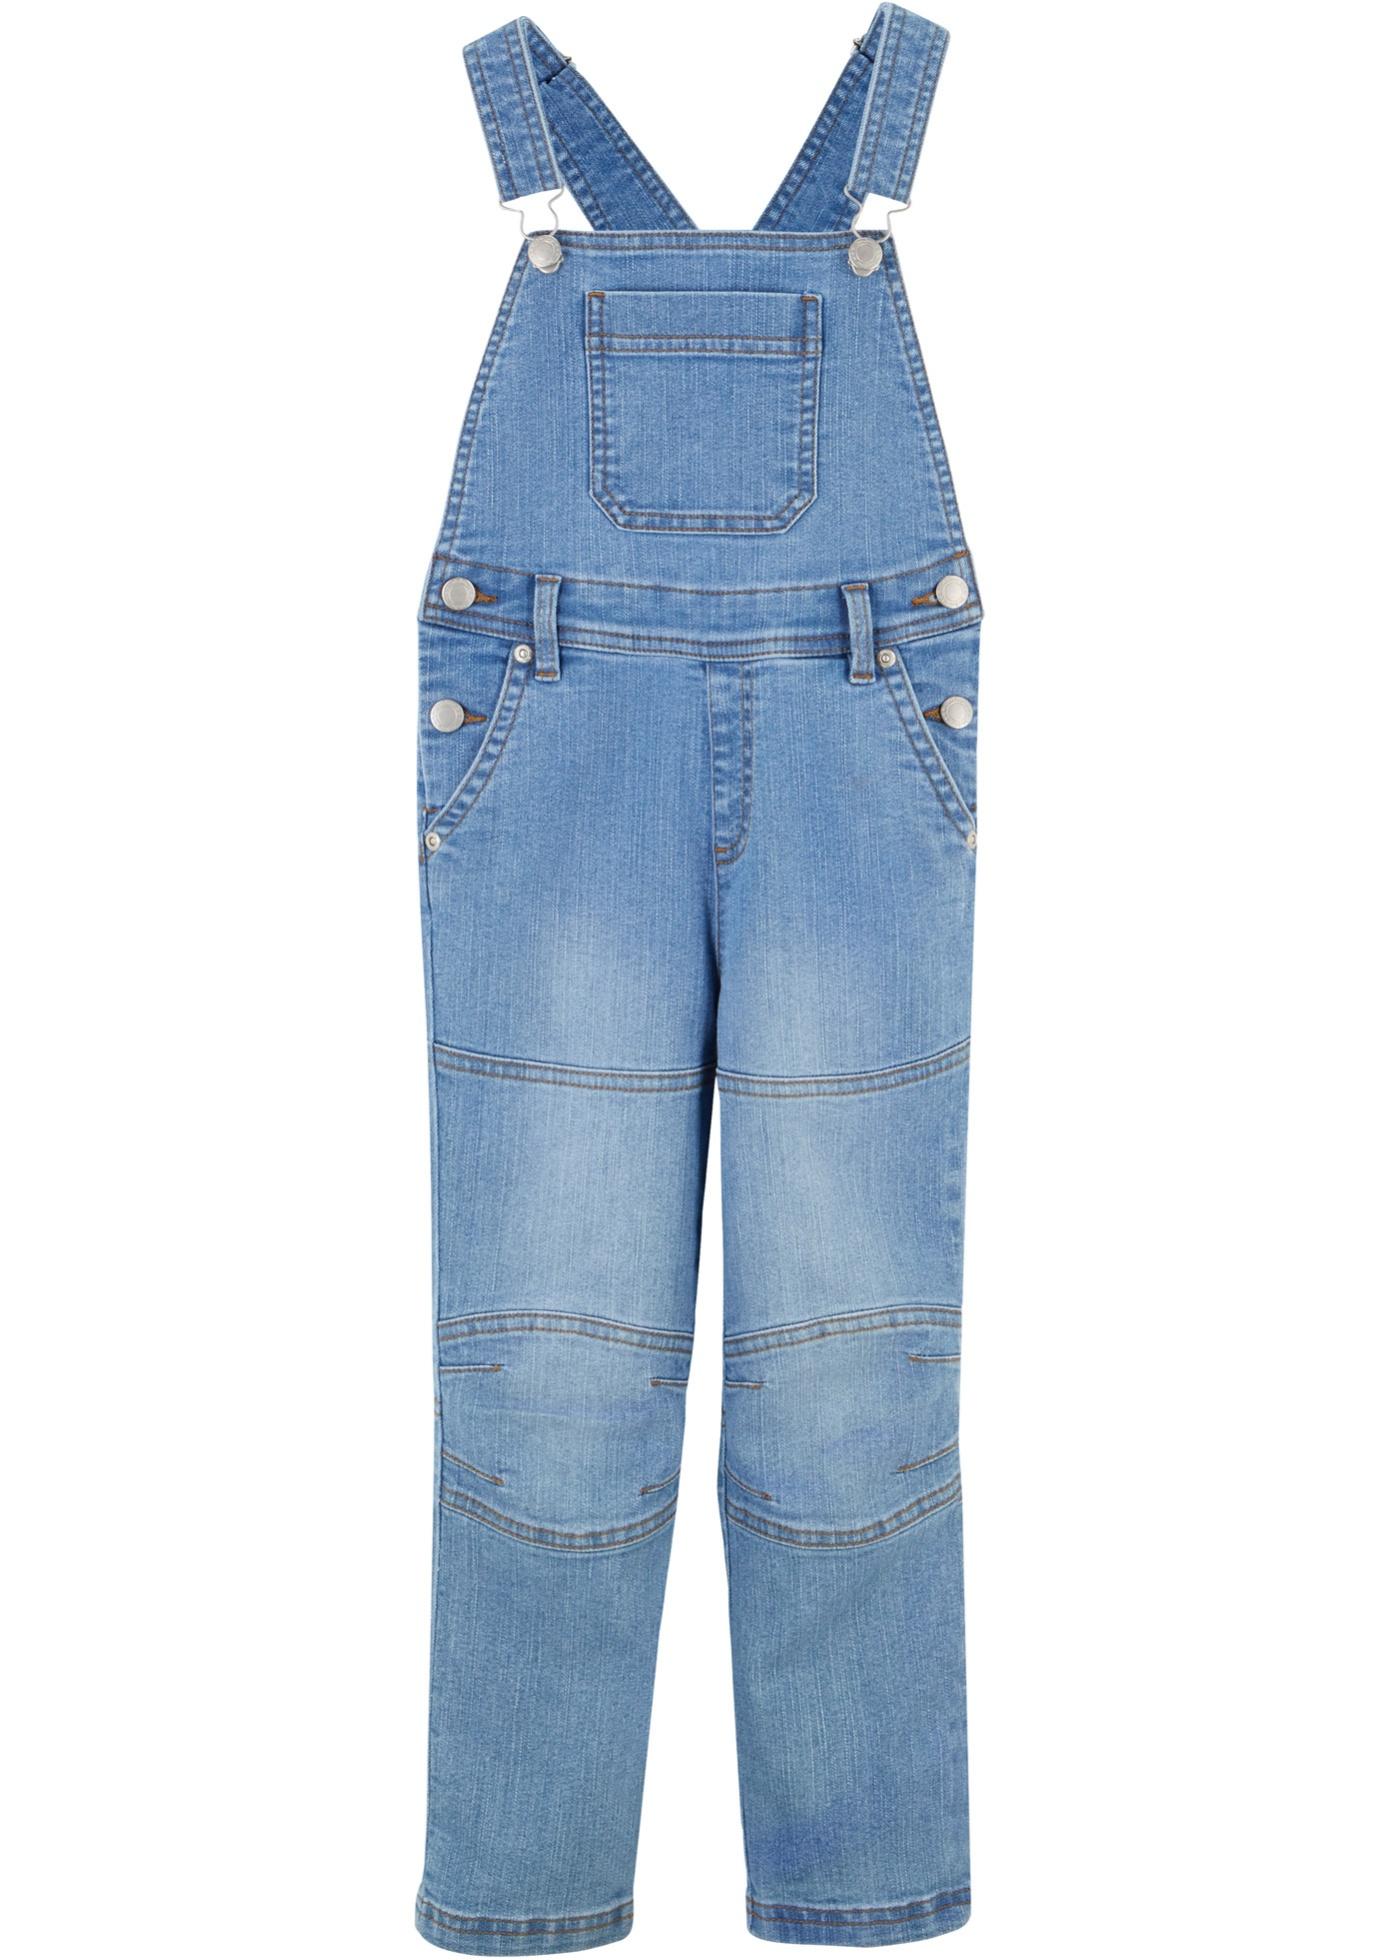 Jungen Jeans-Latzhose in blau für Jungen von bonprix